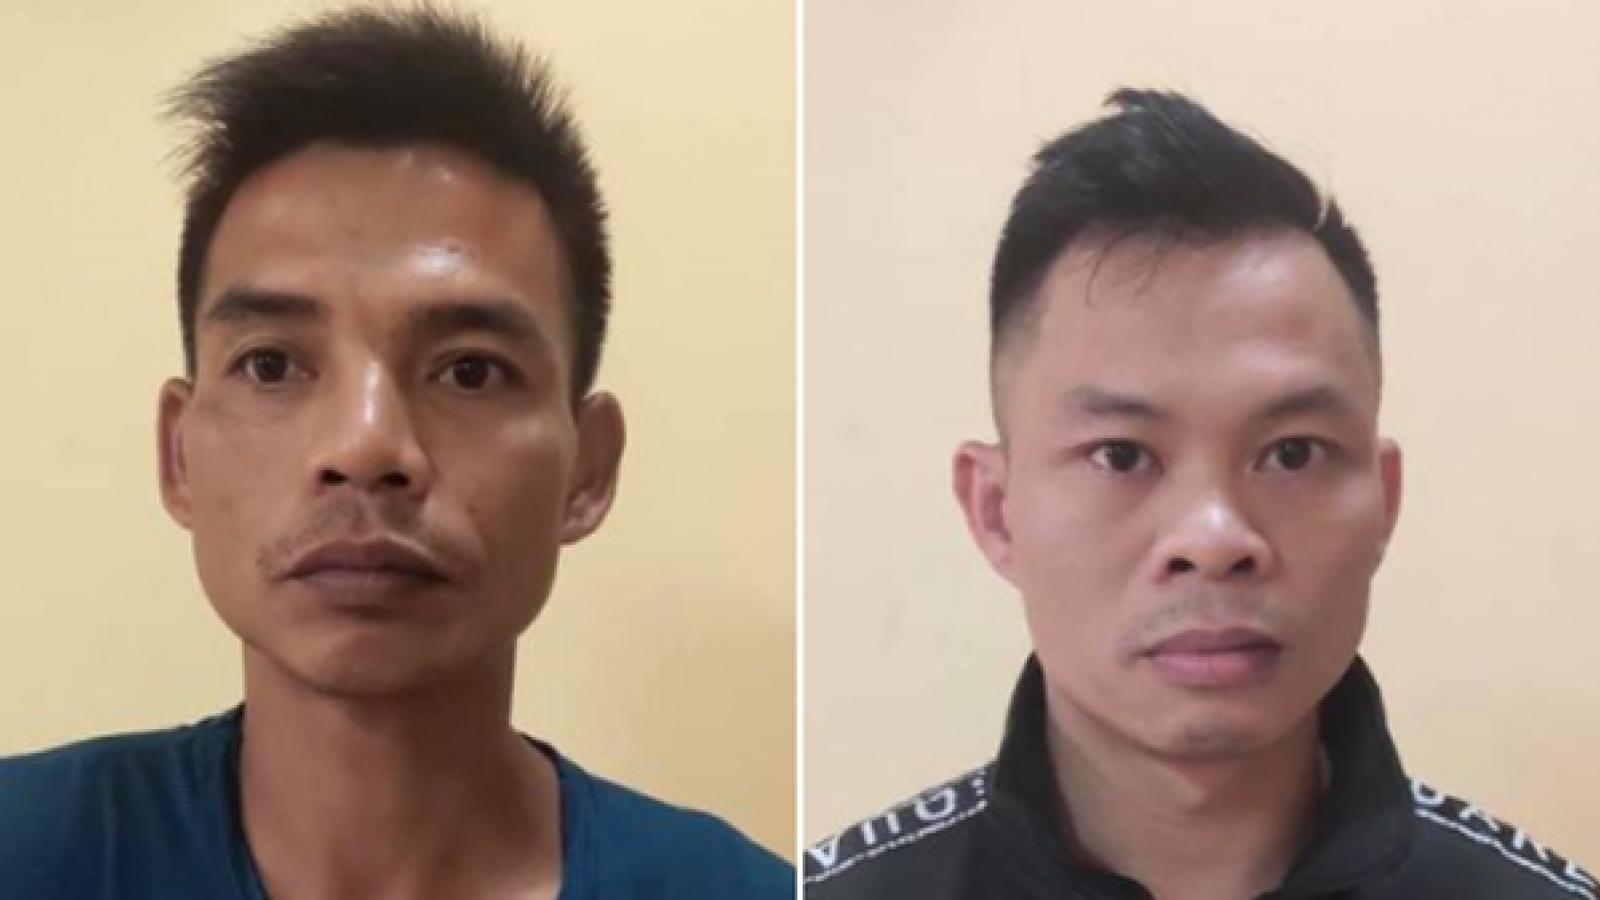 Tóm gọn 2 đối tượng gây ra vụ cướp trên đường Trần Hưng Đạo